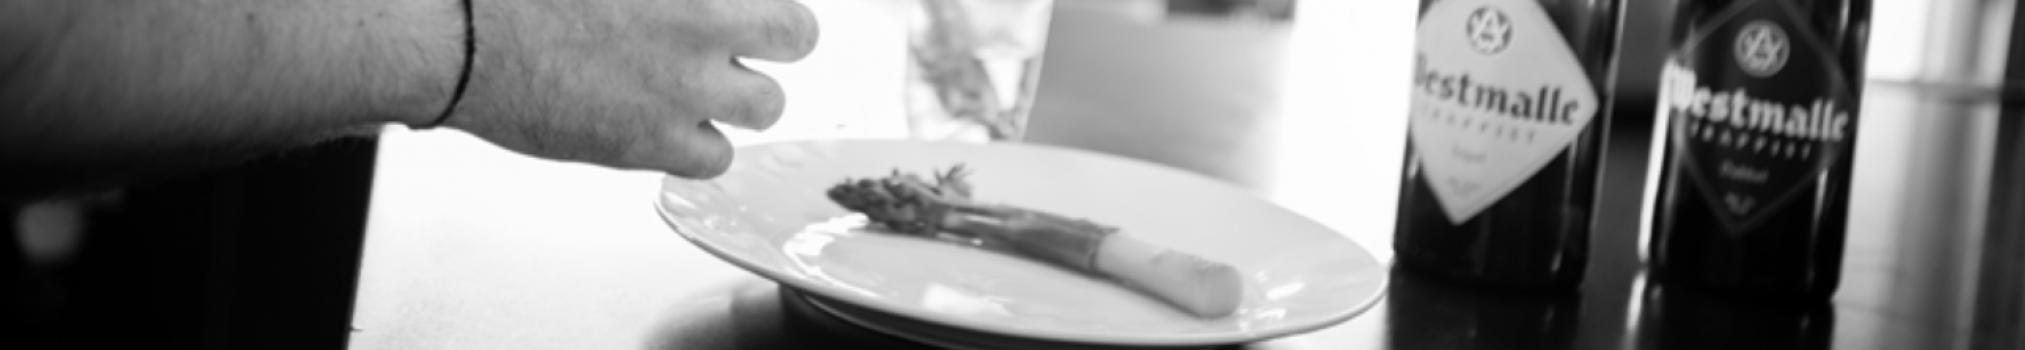 Chef utilisant de la Westmalle Dubbel et Tripel en cuisine